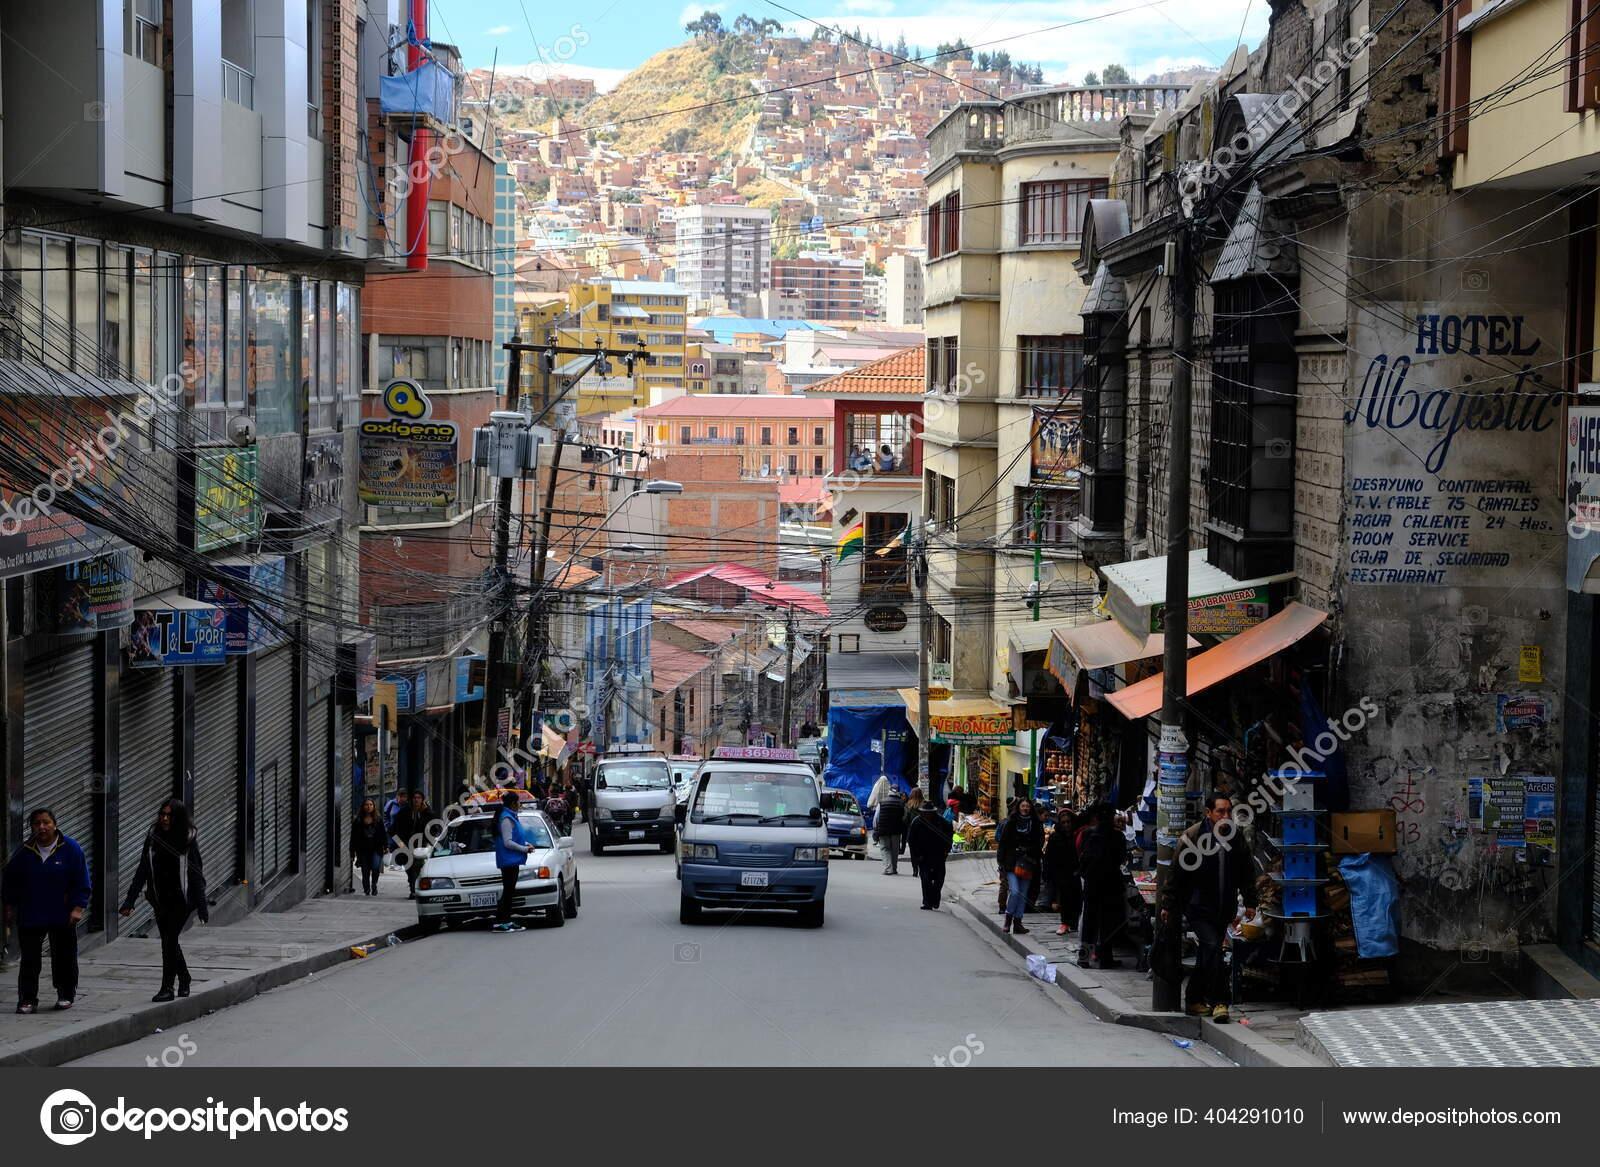 Bolívia Paz Vista Rua Santa Cruz Rua Fotografia De Stock Editorial Markobln Gmx De 404291010